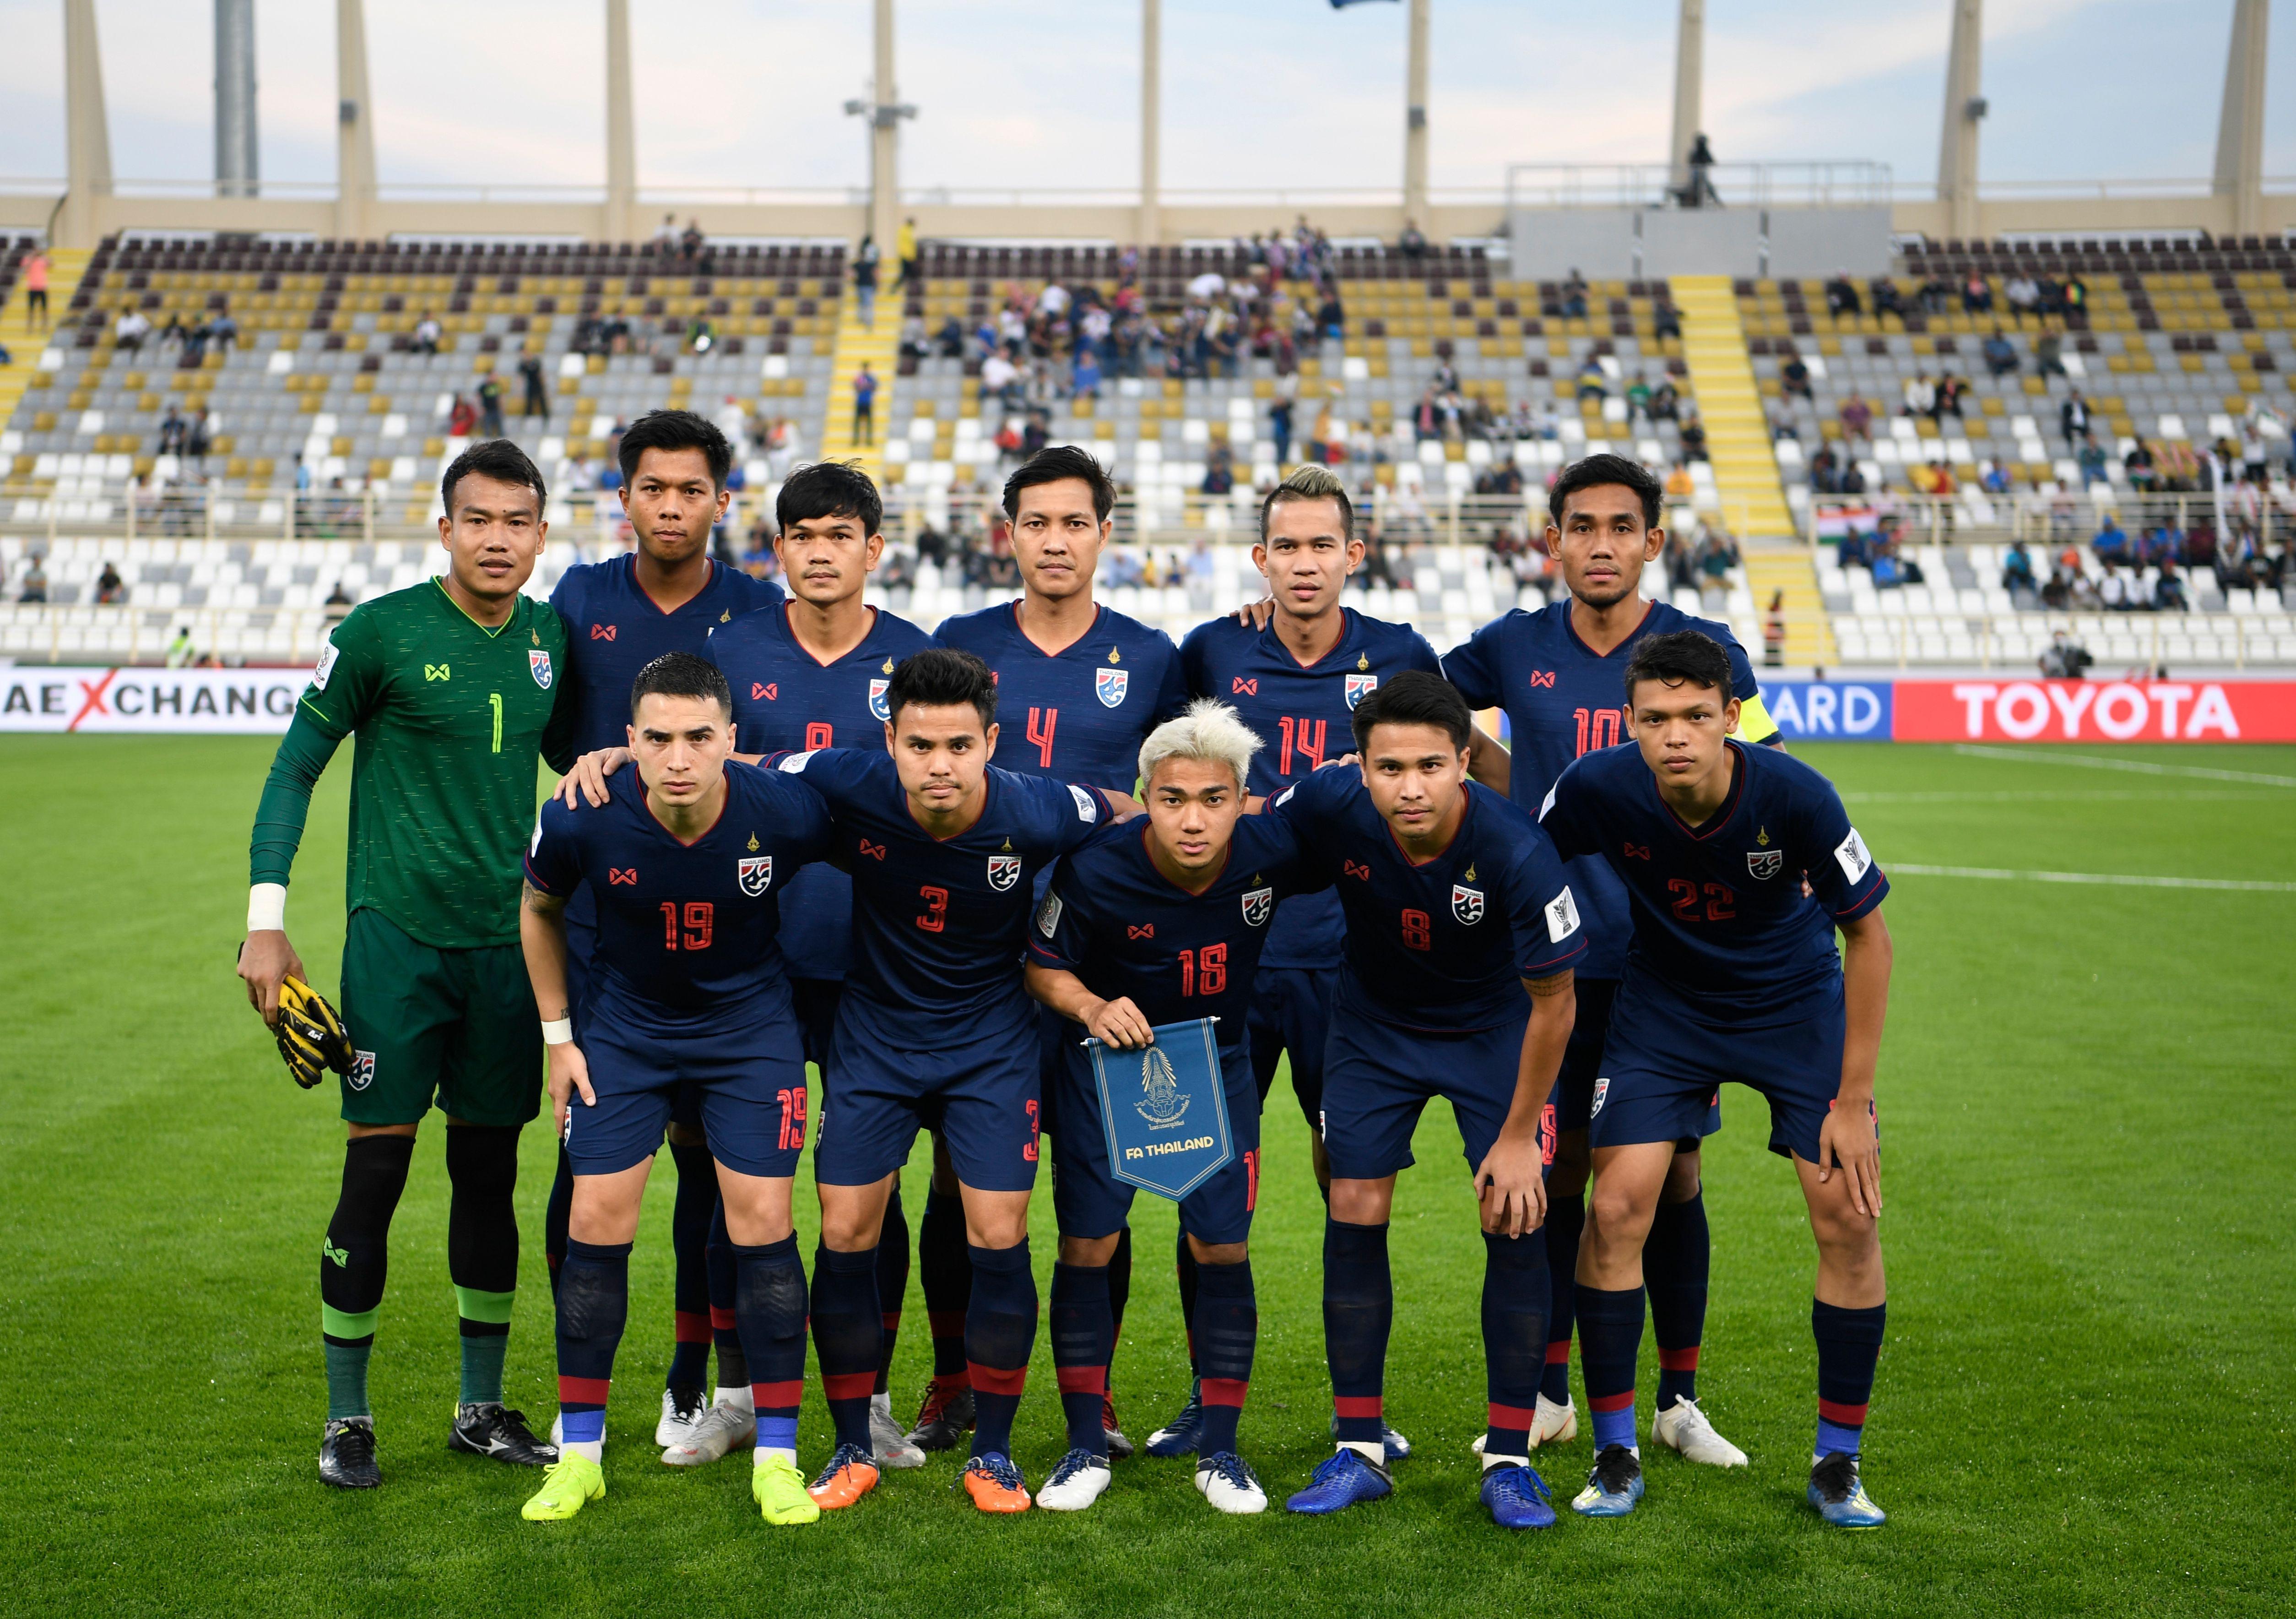 ทีมชาติไทย 2019 - Thailand Asian Cup 2019